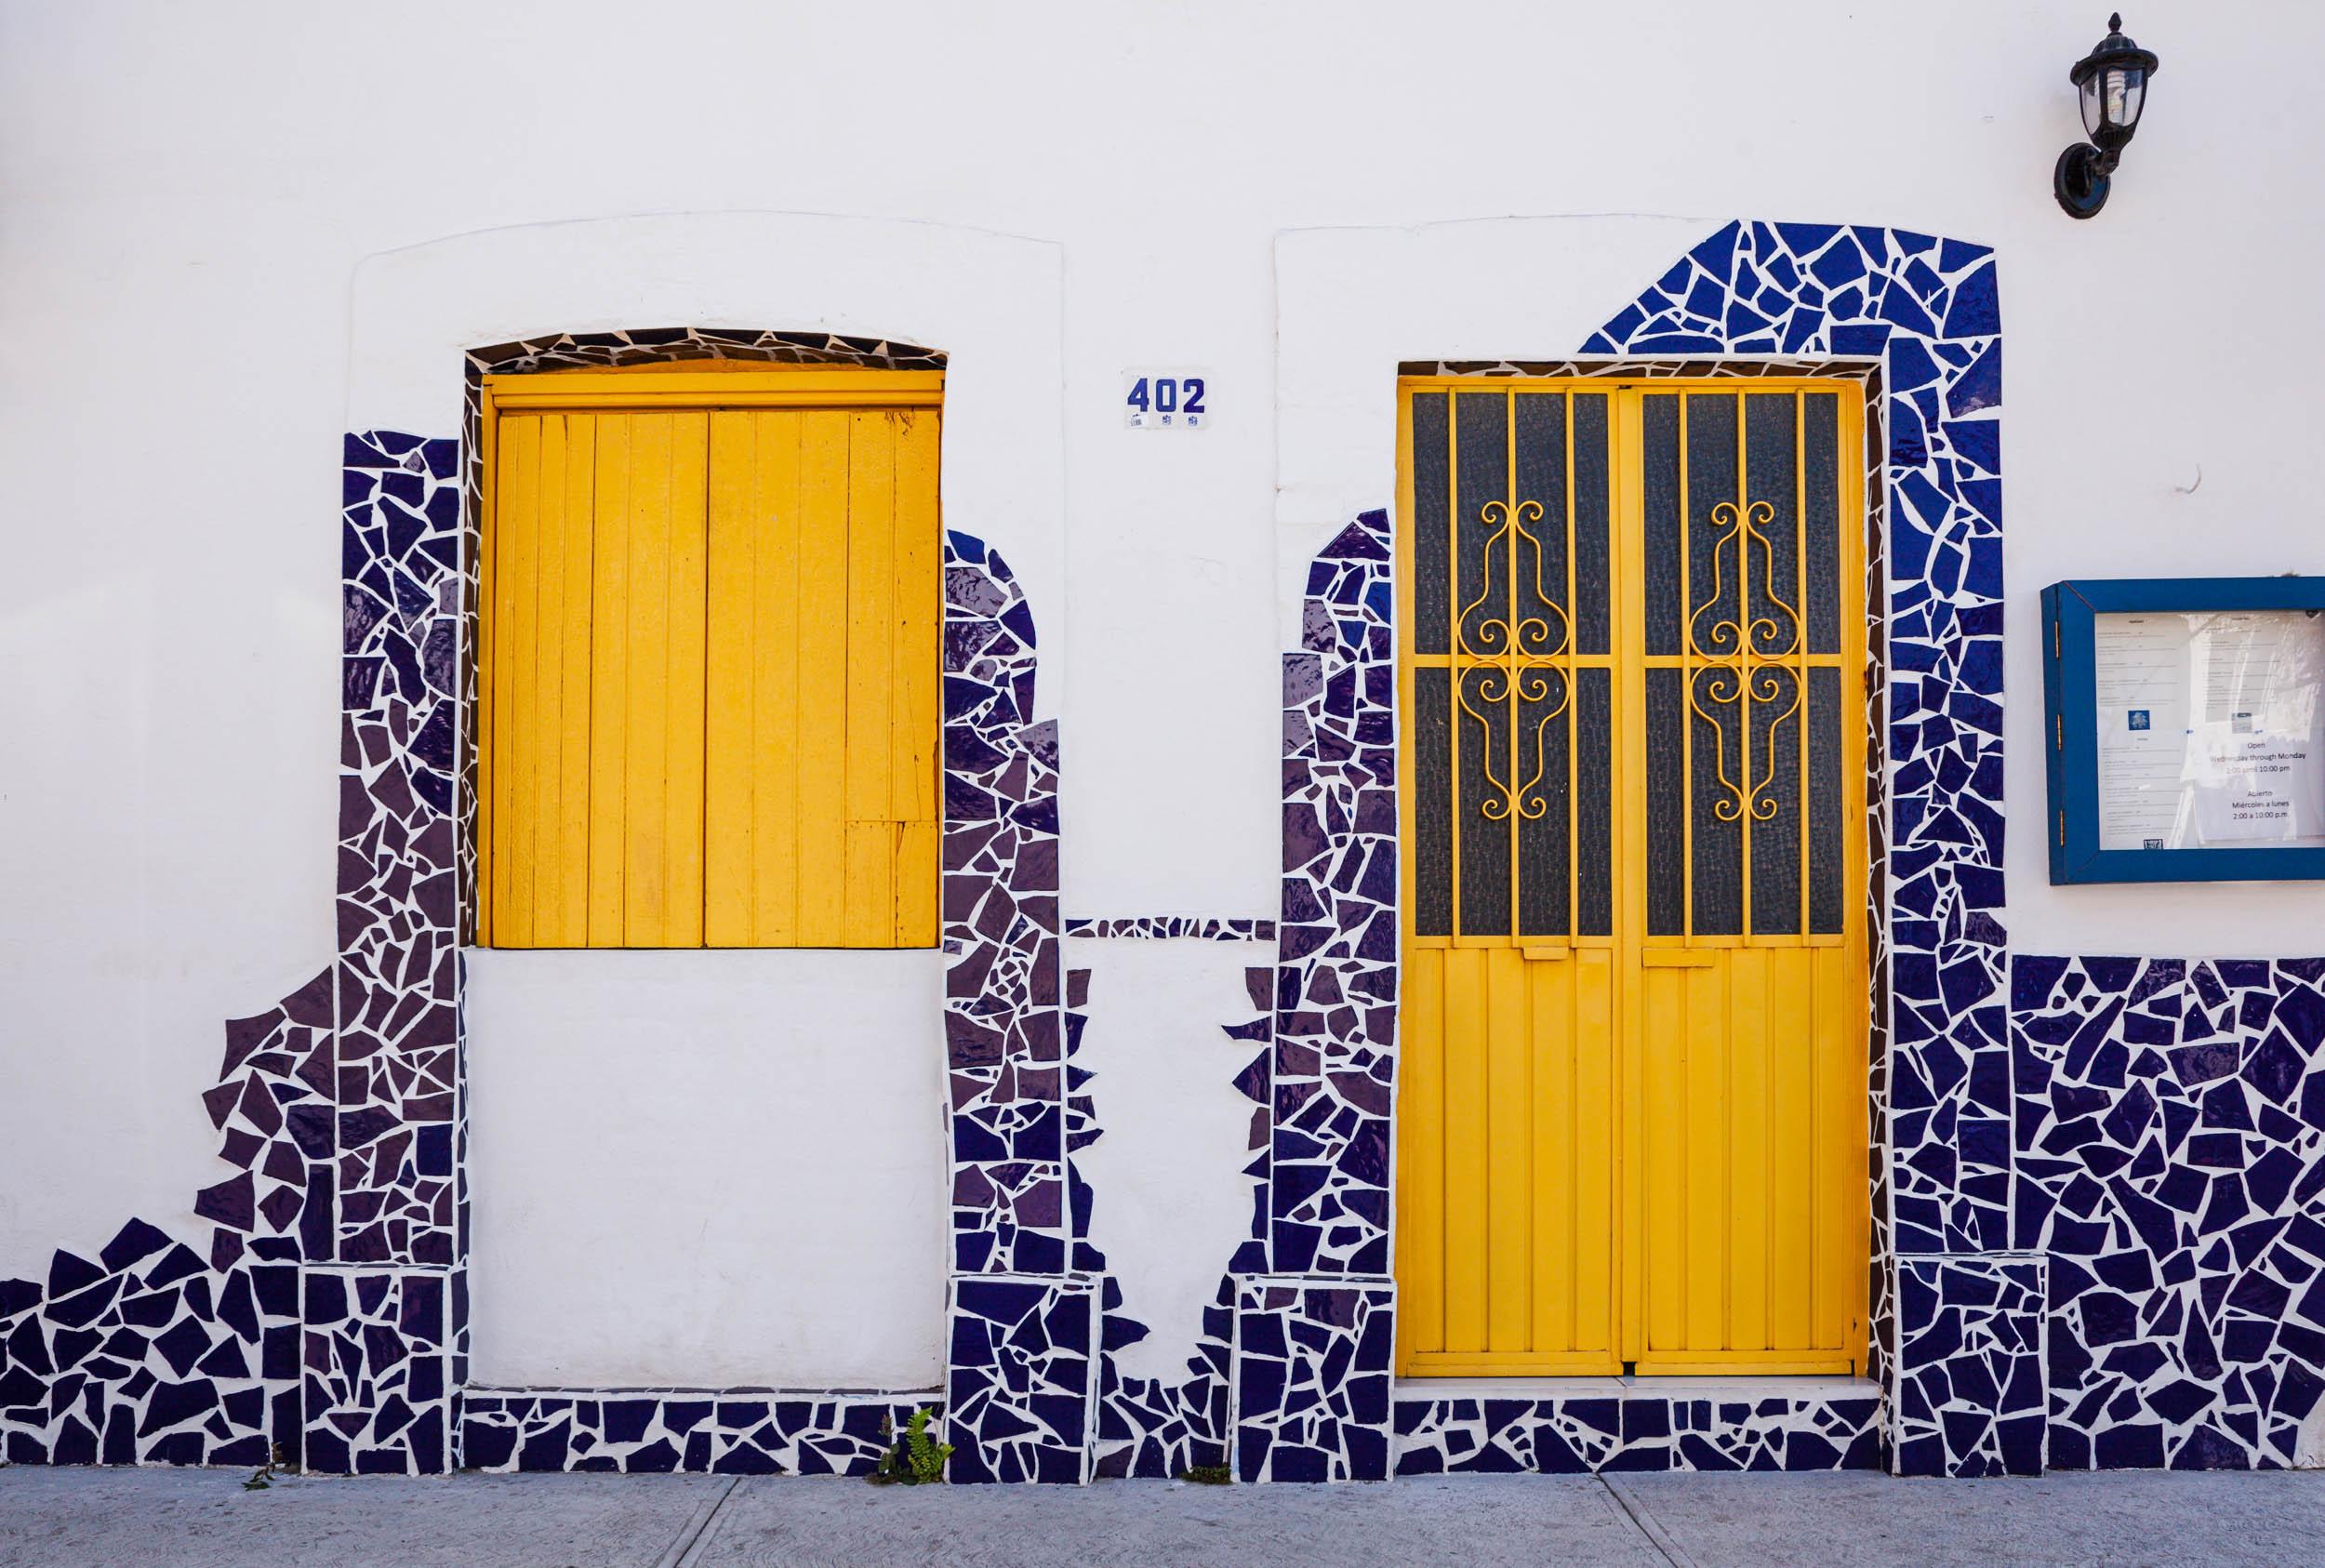 Puerto-Vallarta-2018-11.jpg